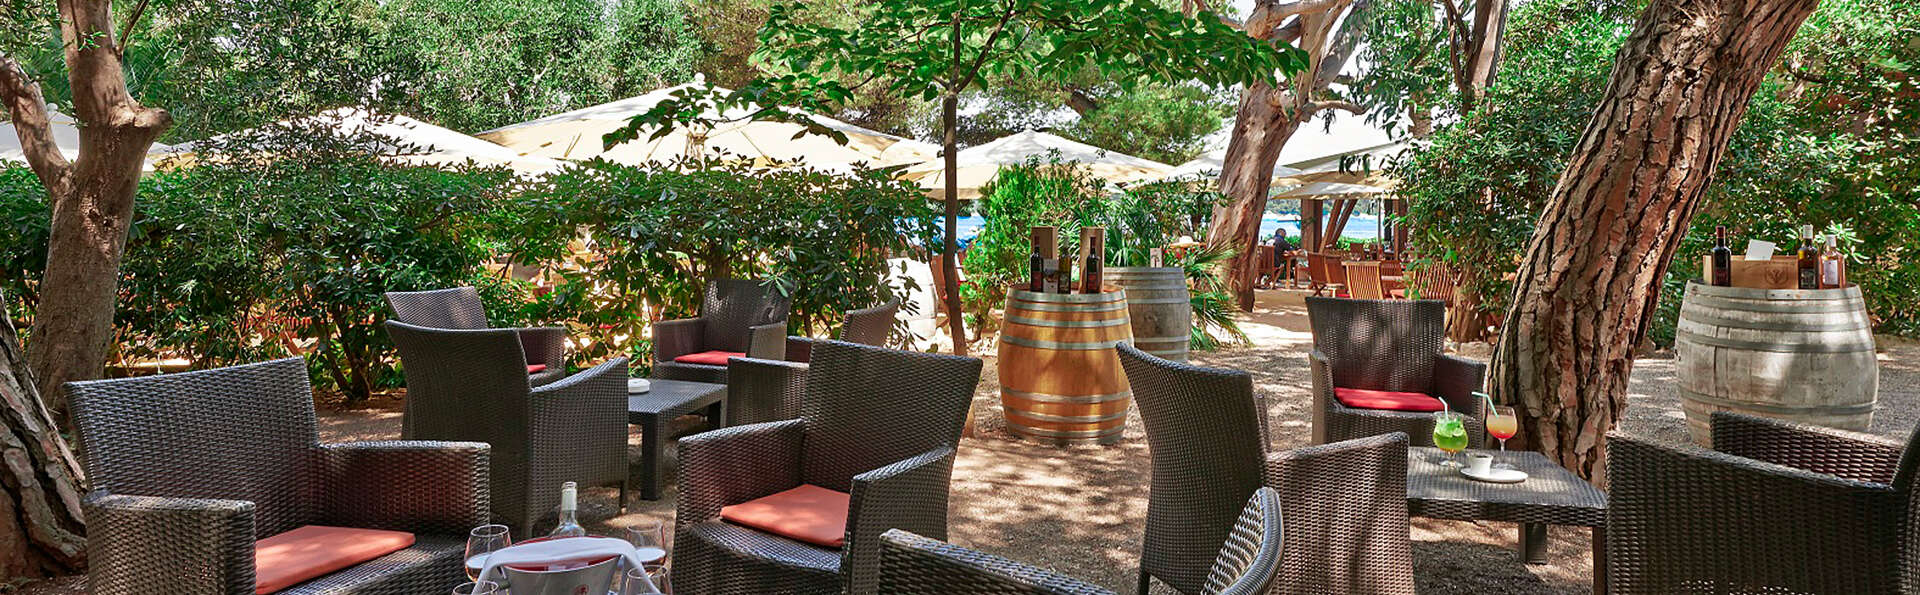 Week-end romantique à Cannes et déjeuner en terrasse sur les îles de Lérins